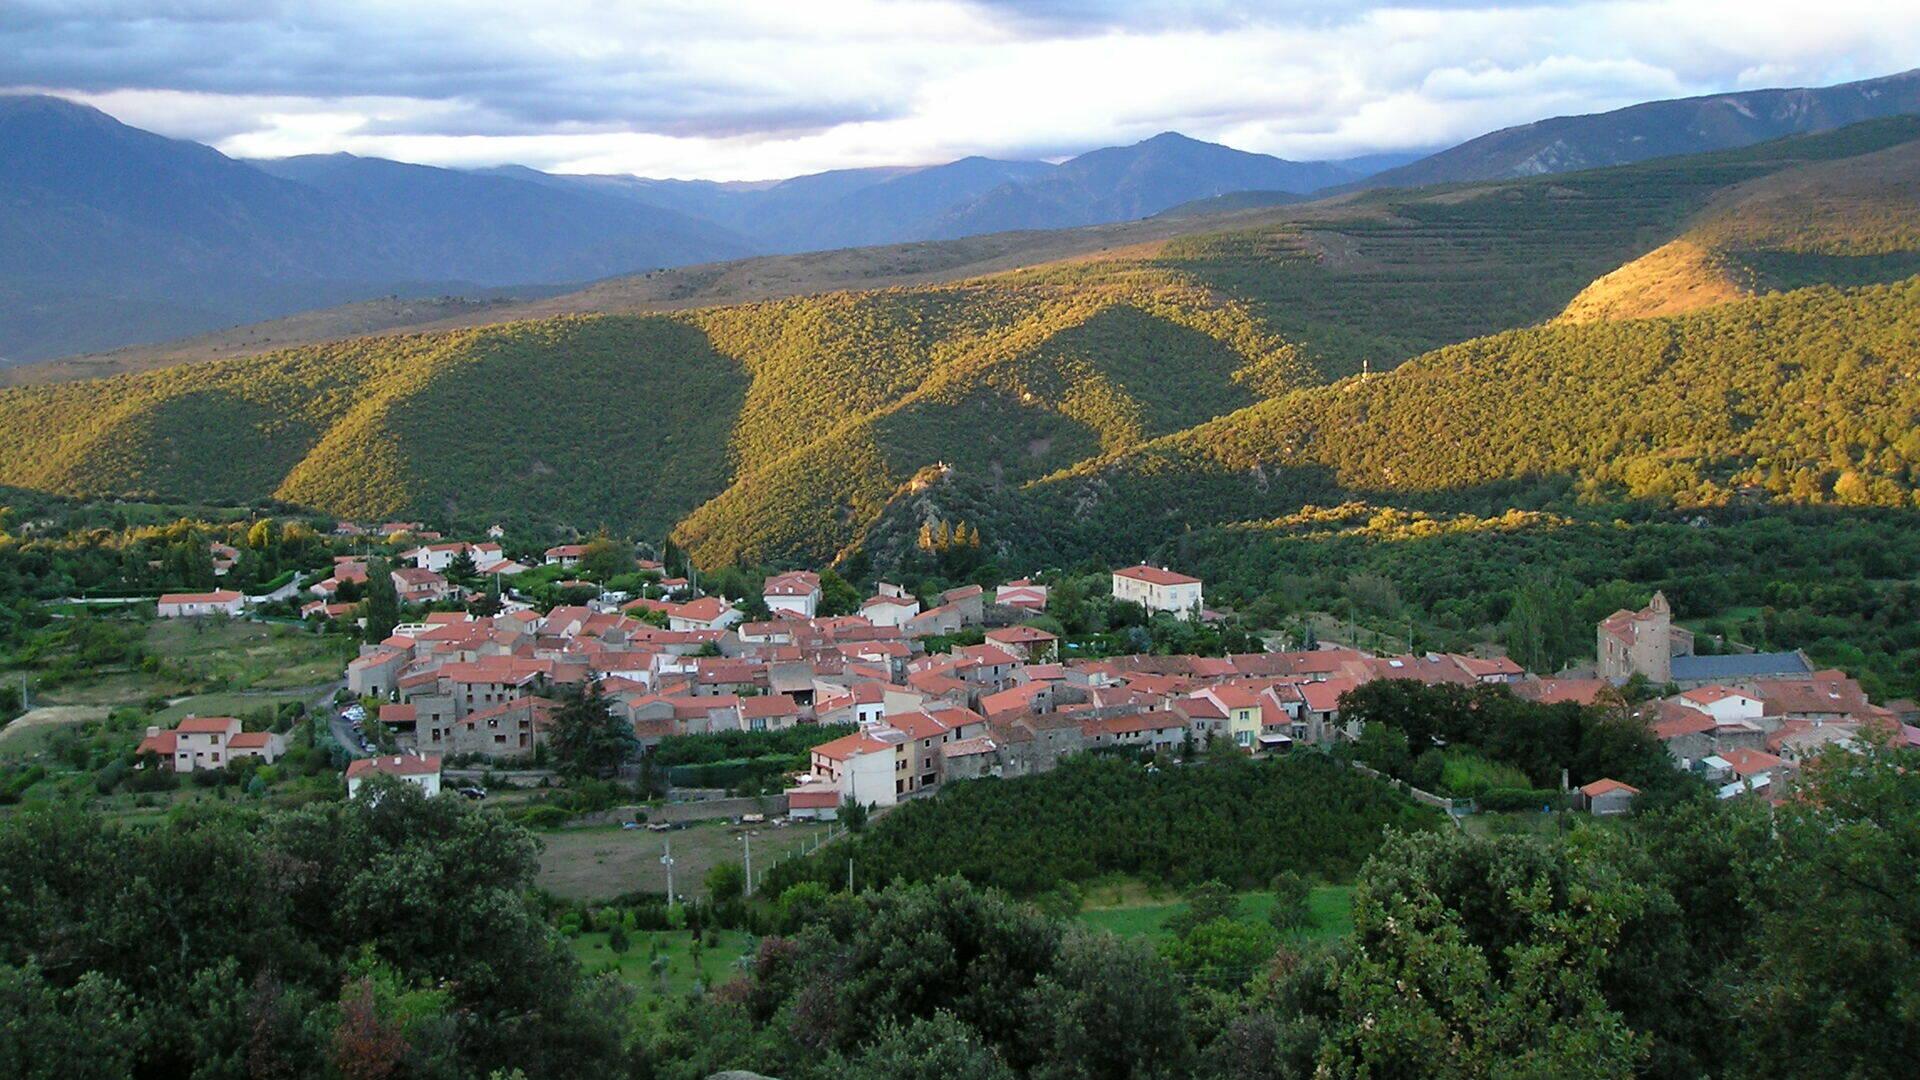 Molitg les Bains village